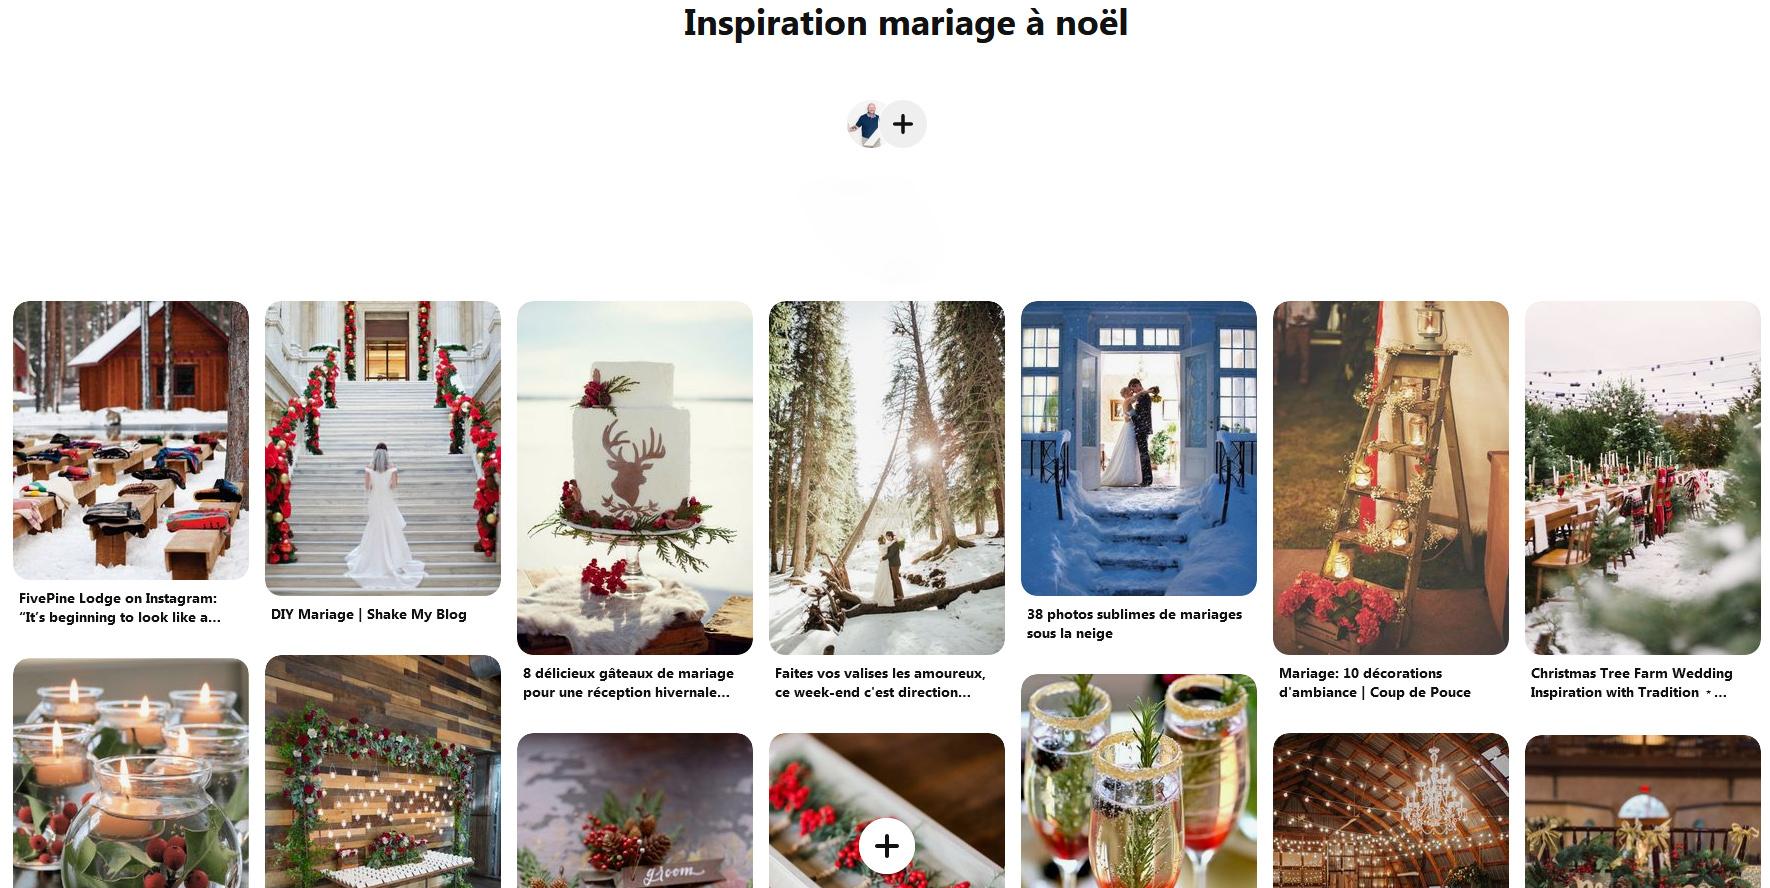 Se marier à Noël à Troyes Luc Hourriez Photographe Mariage Troyes